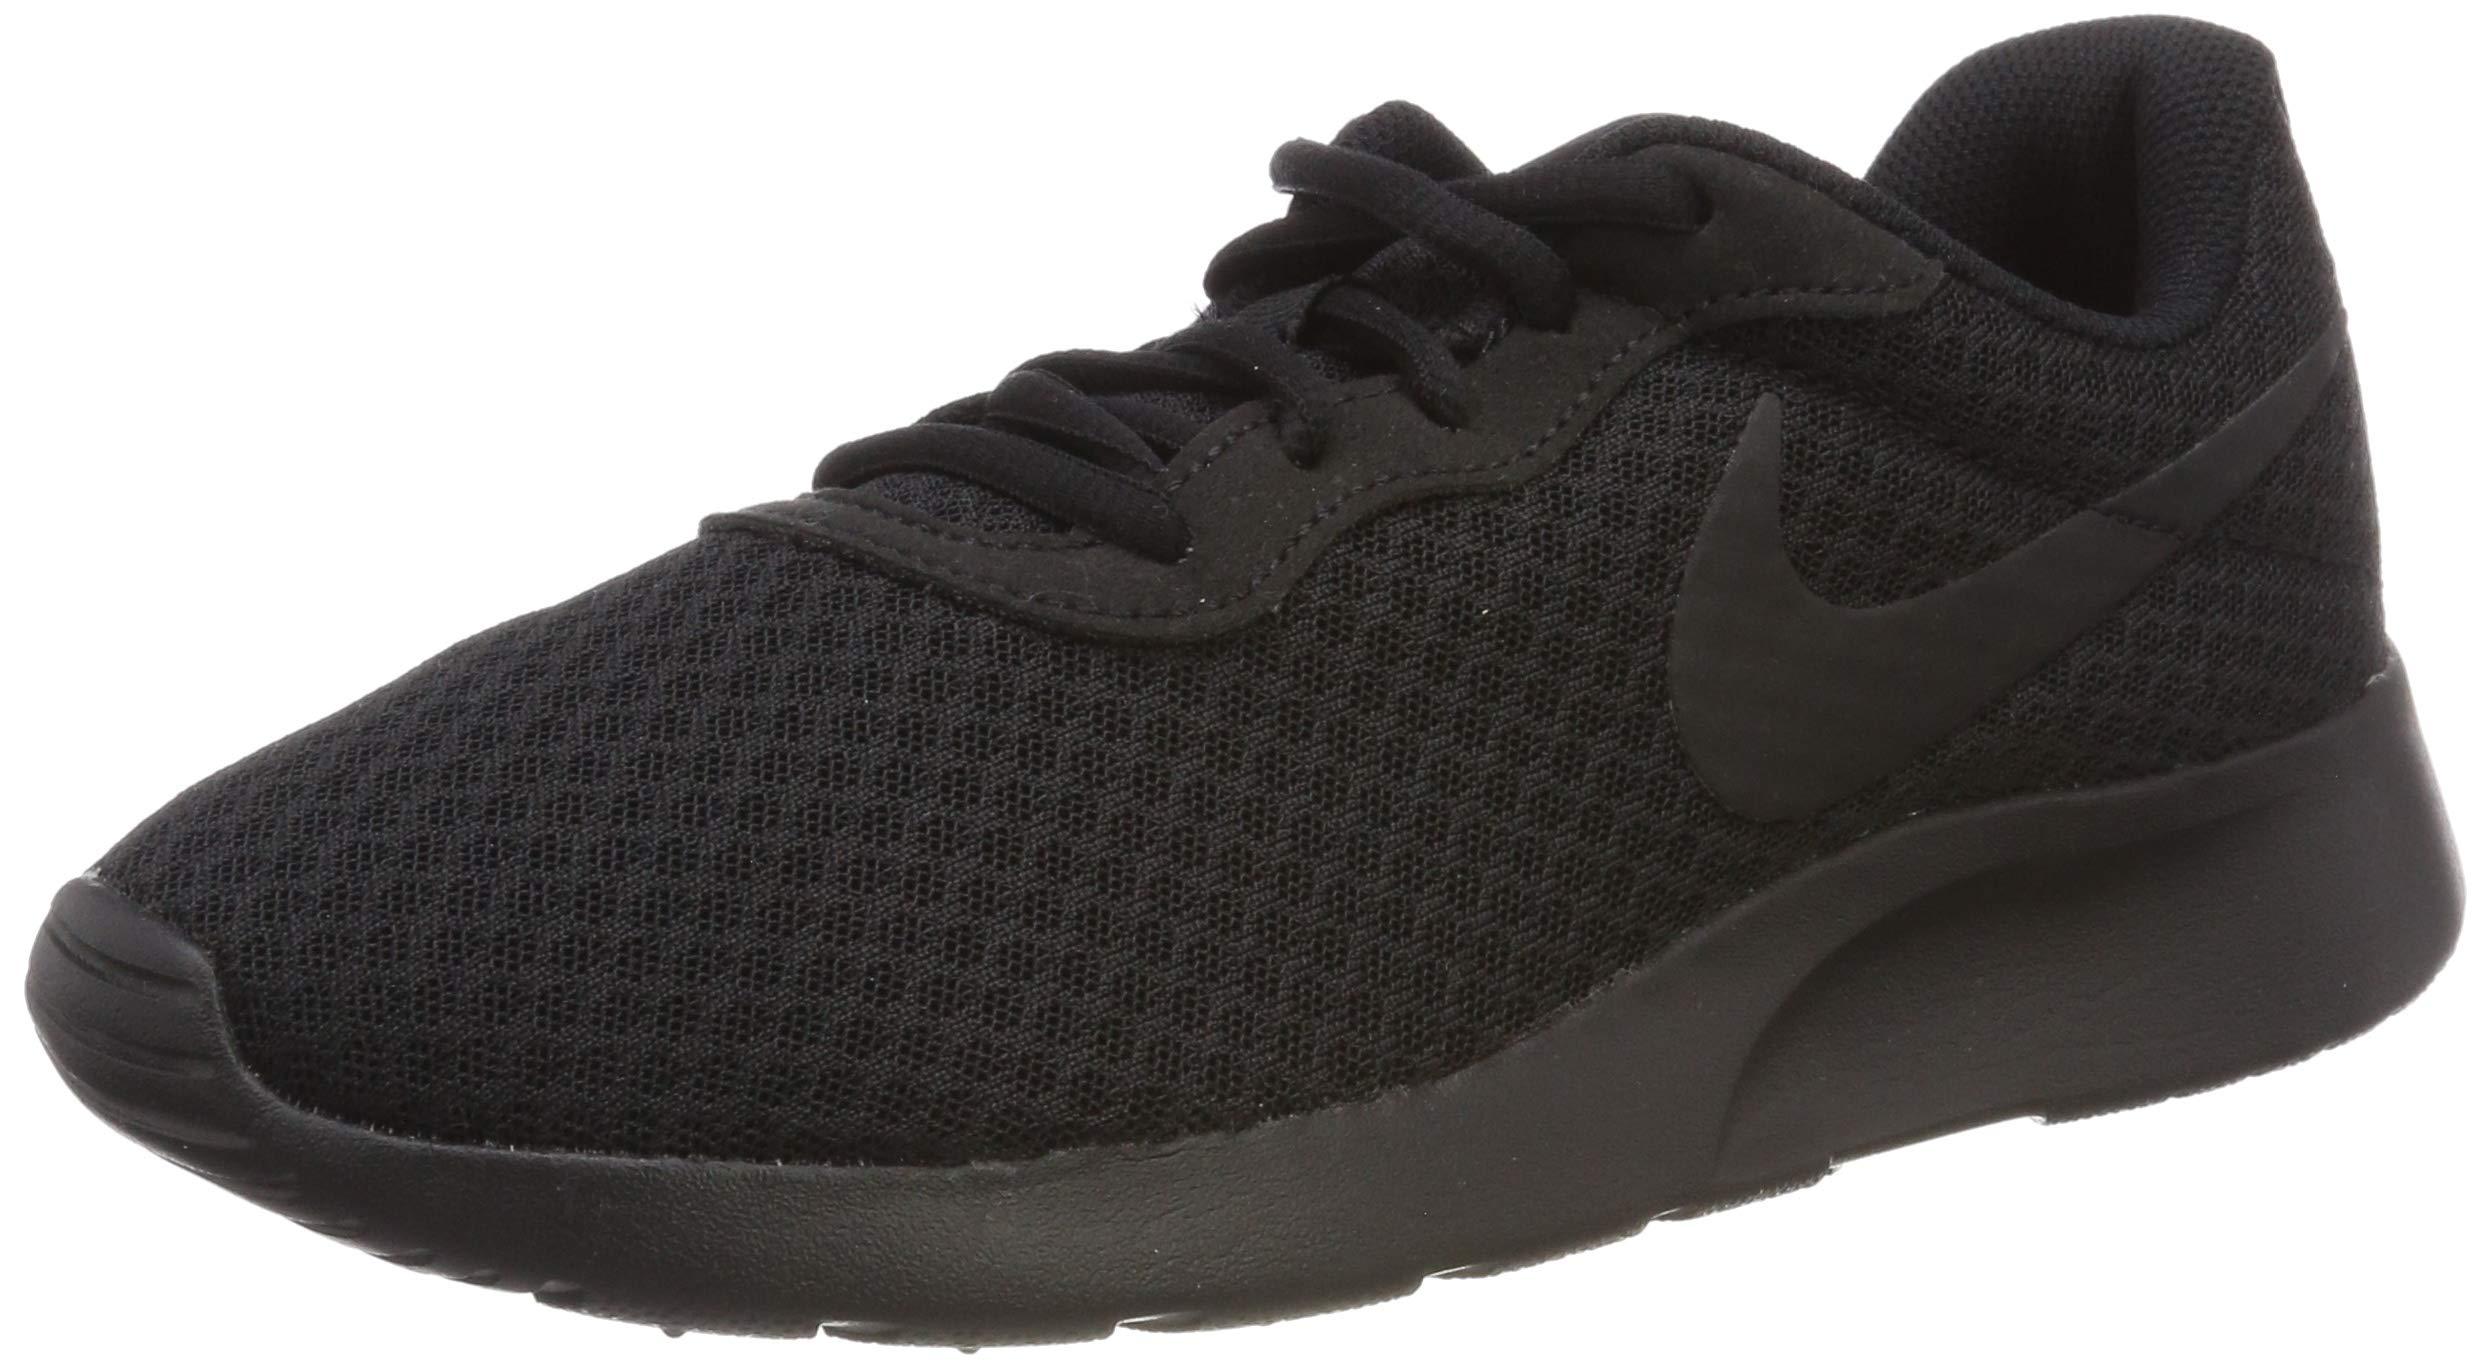 NIKE Men's Tanjun Black/Black/Anthracite Running Shoe 6 Men US